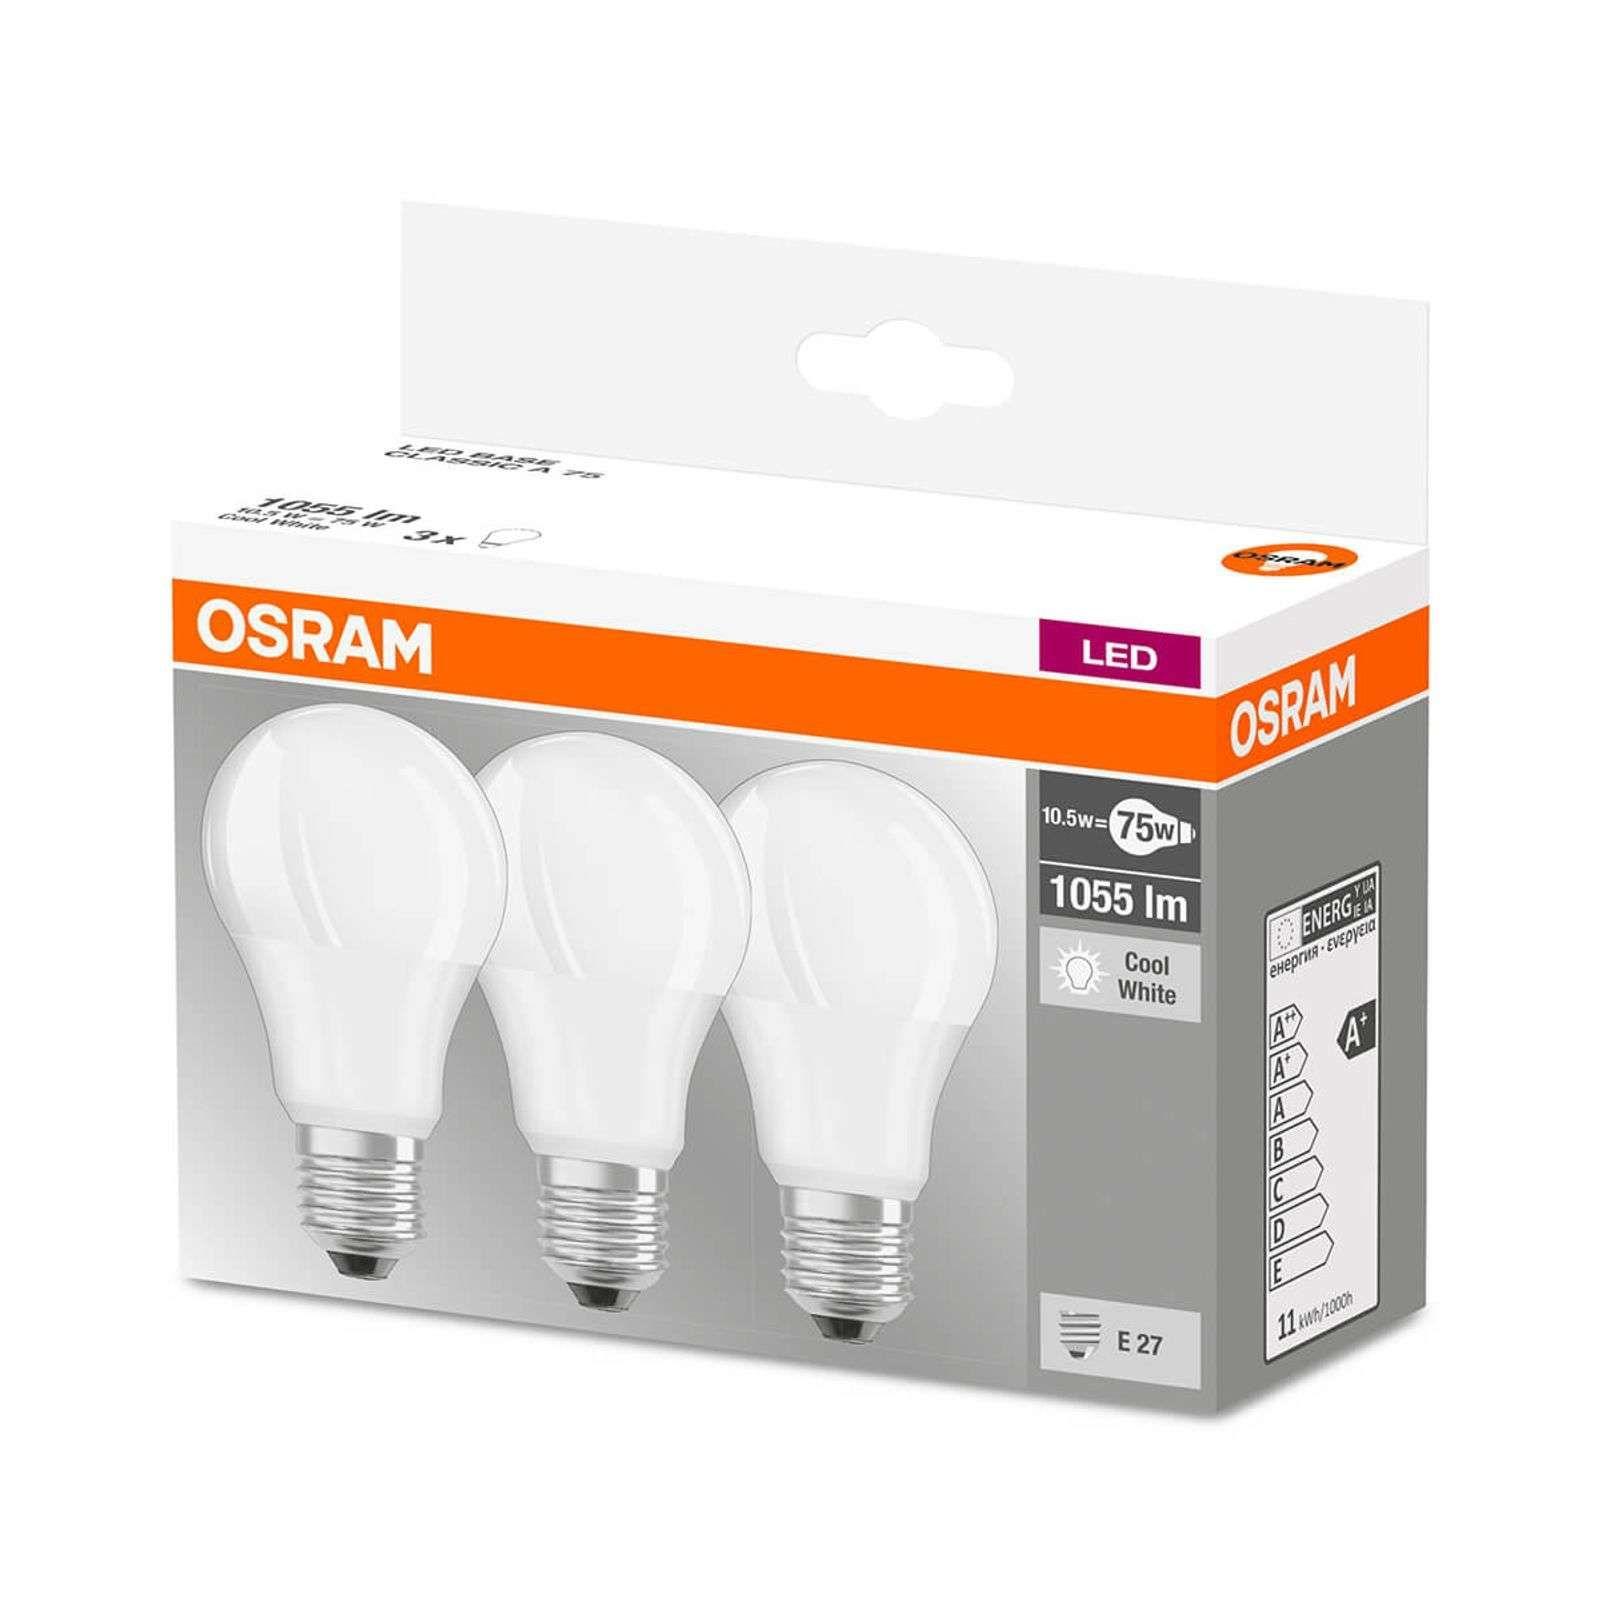 Led Lampe E27 10 5w Universalweiss 3er Set Led Lampe Led Osram